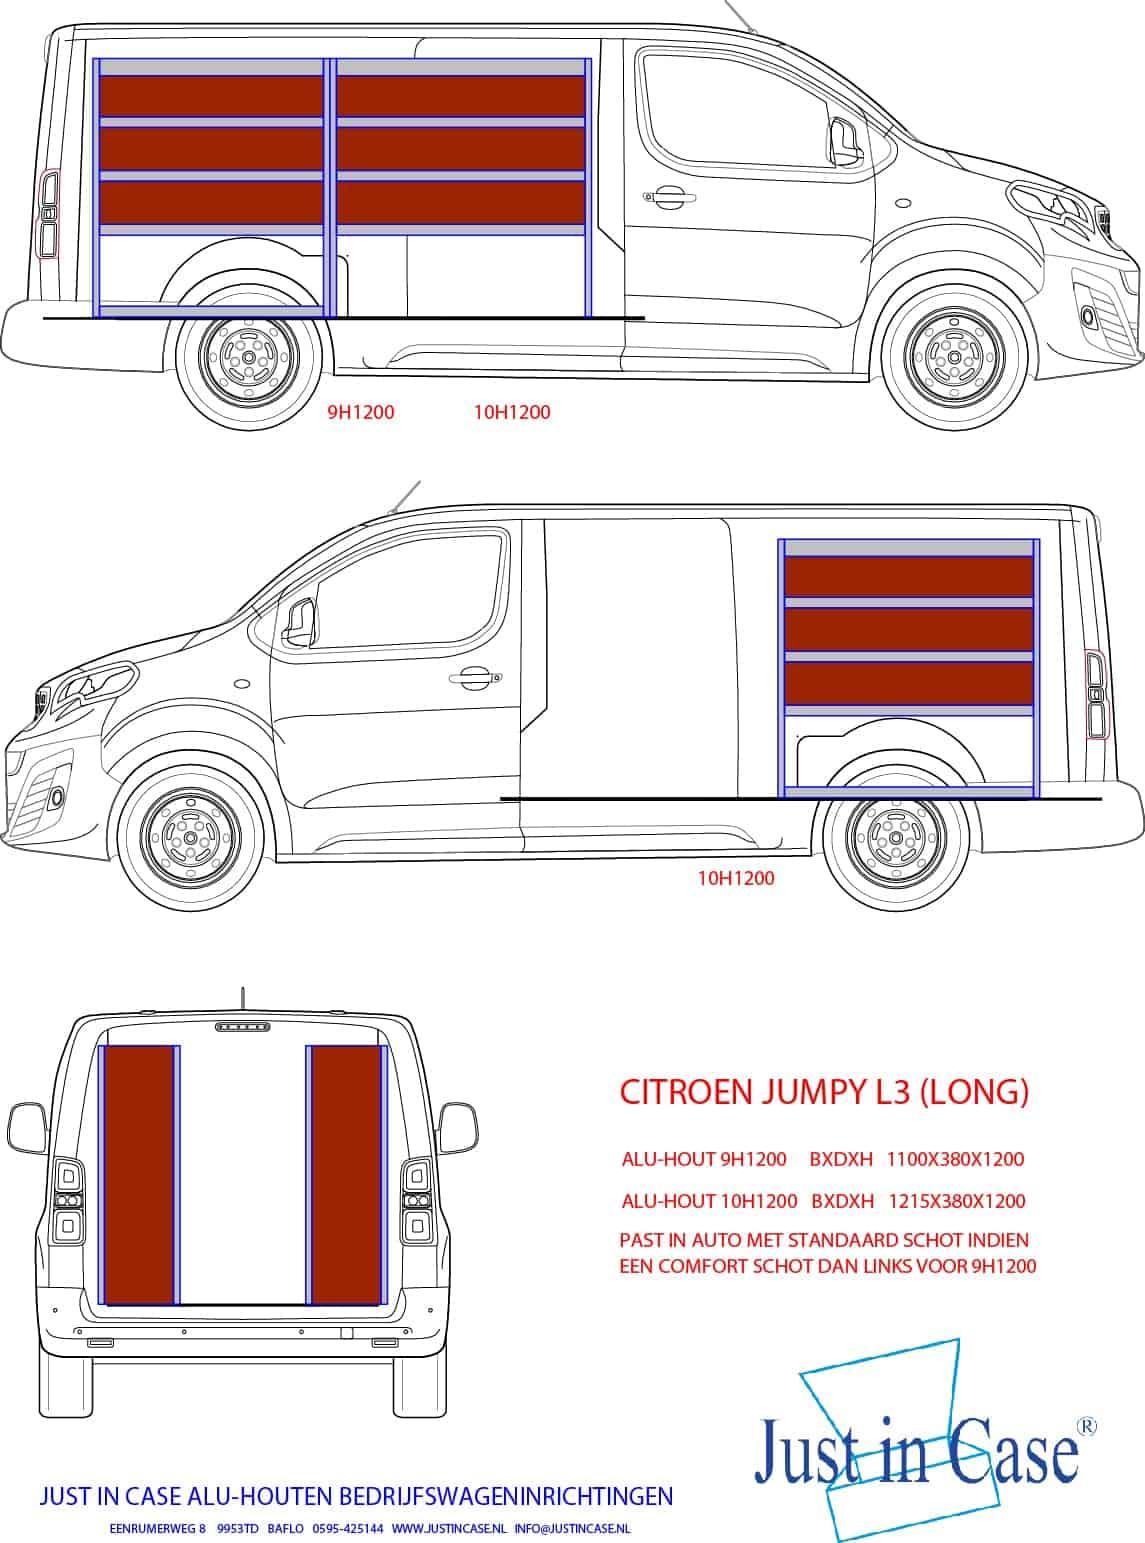 Citroën Jumpy bedrijfswageninrichting